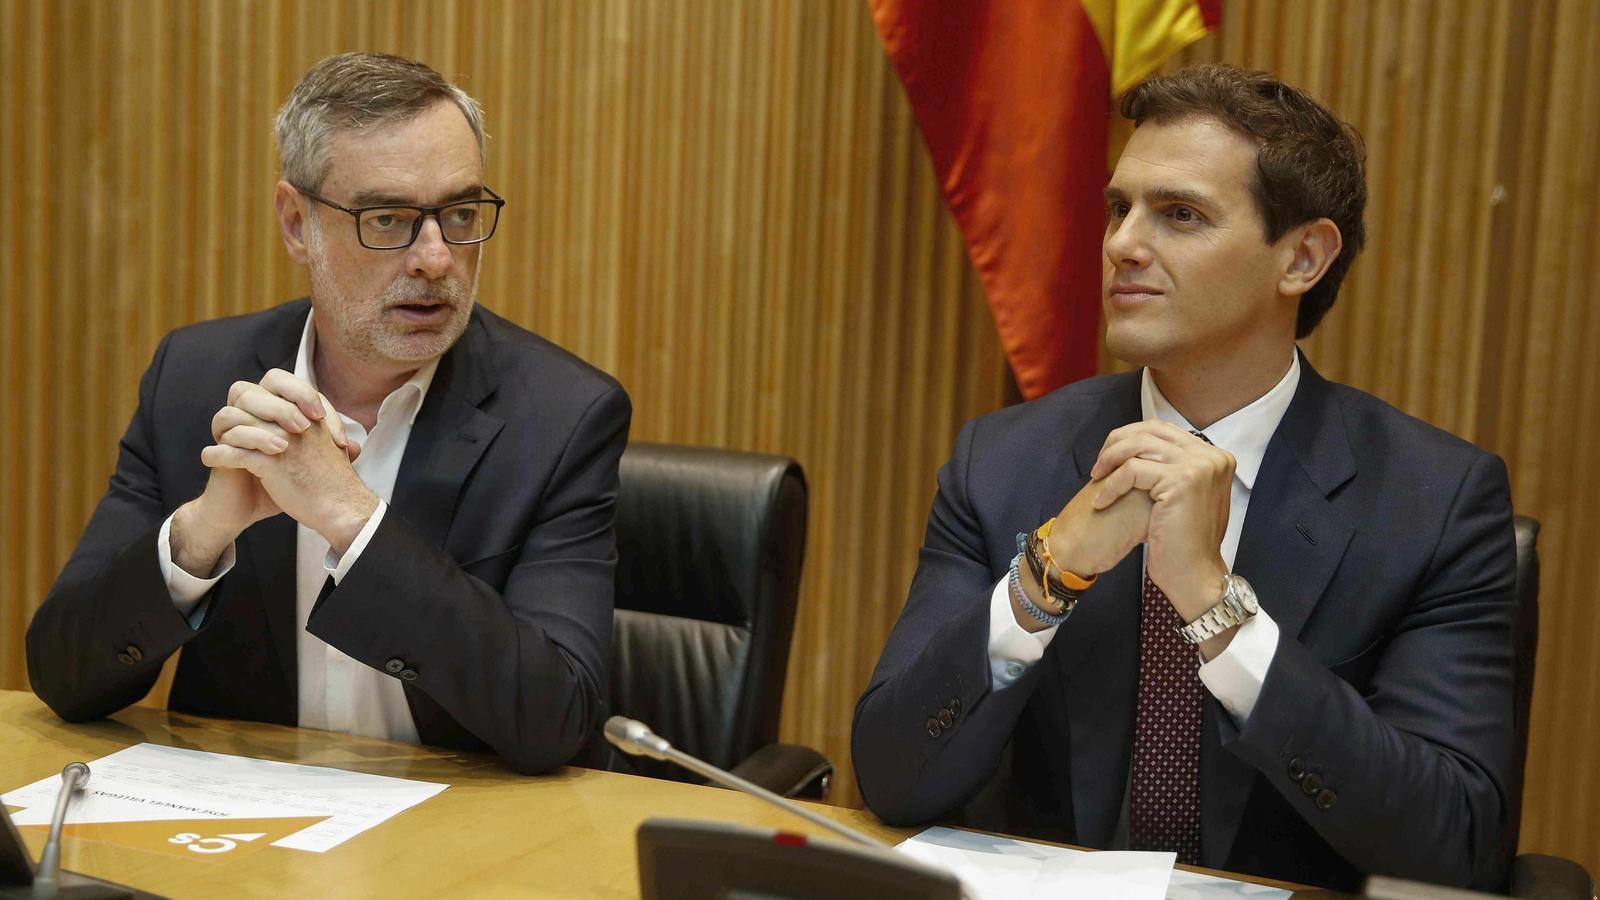 Villegas i Rivera, de Ciutadans, en una imatge d'arxiu.